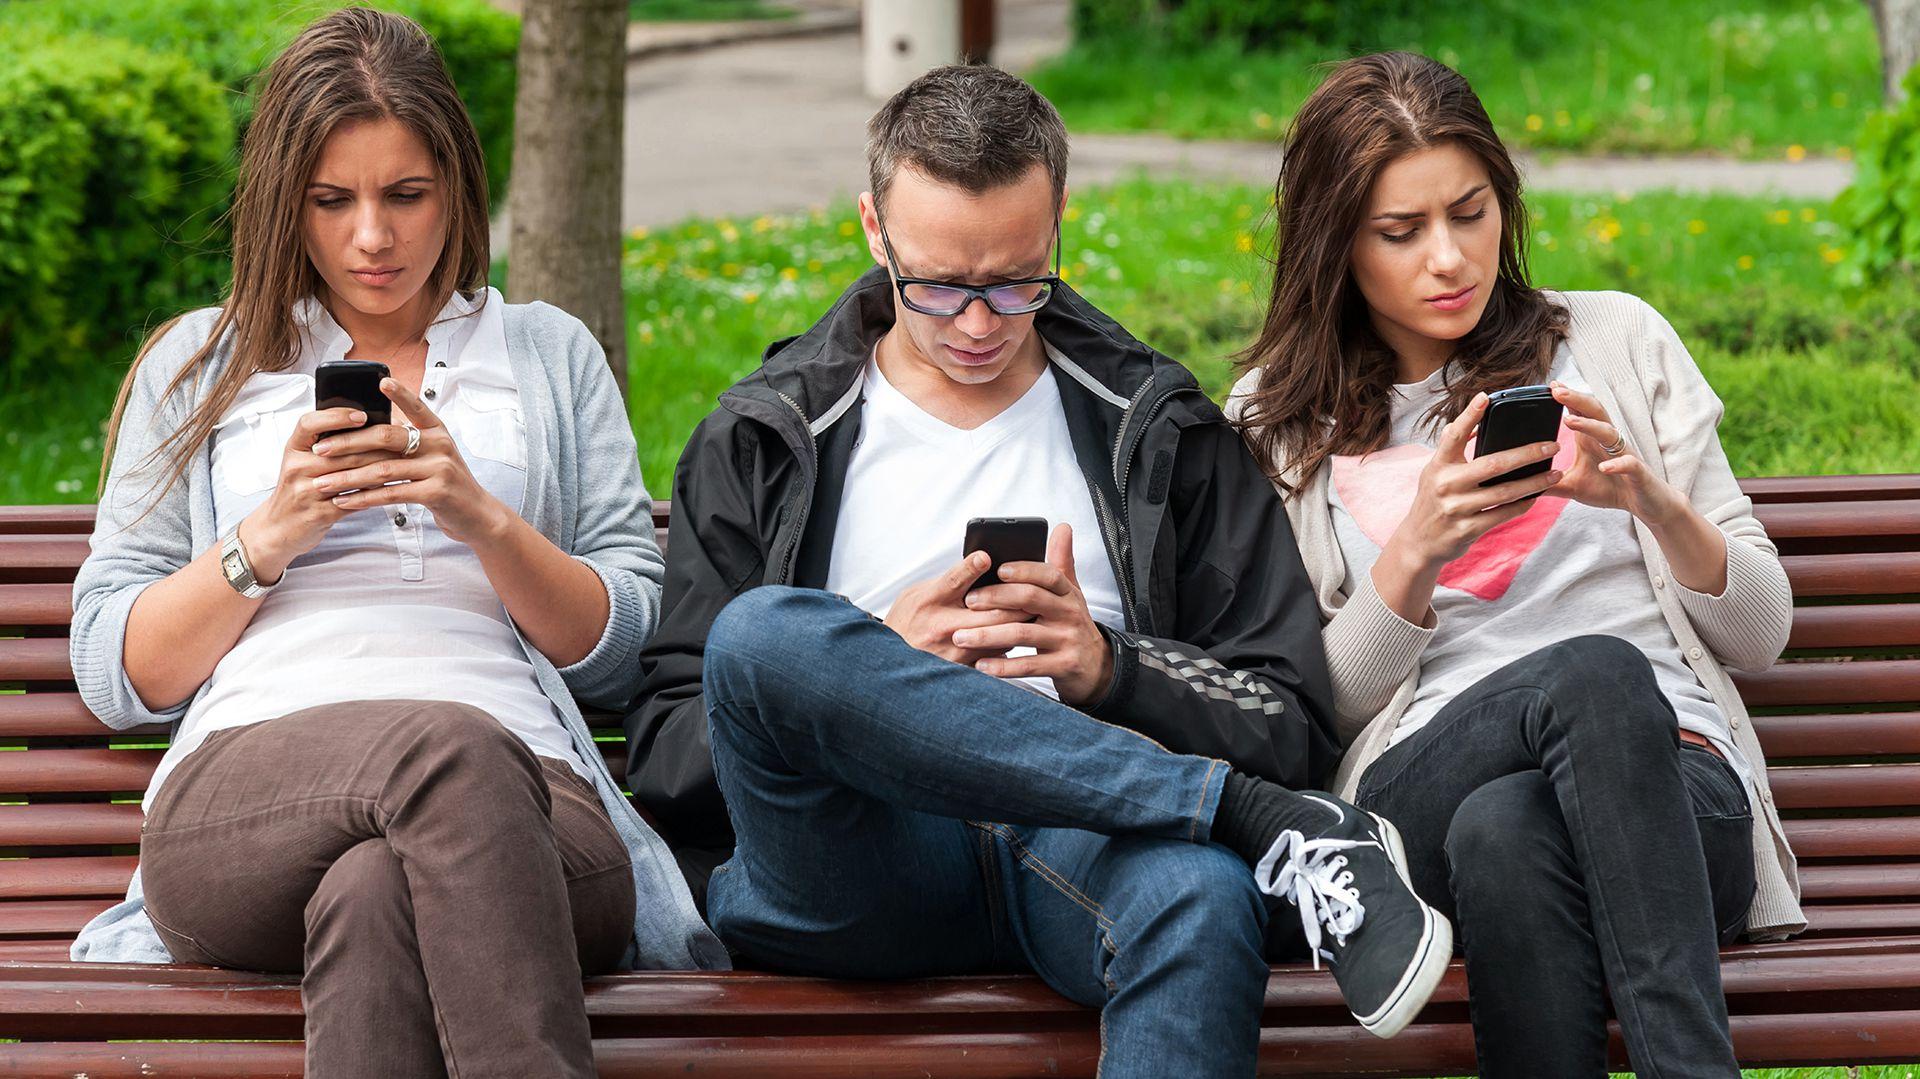 El Presidente defendió el DNU de las telecomunicaciones y señaló que en el país hay 60 millones de celulares (Shutterstock)